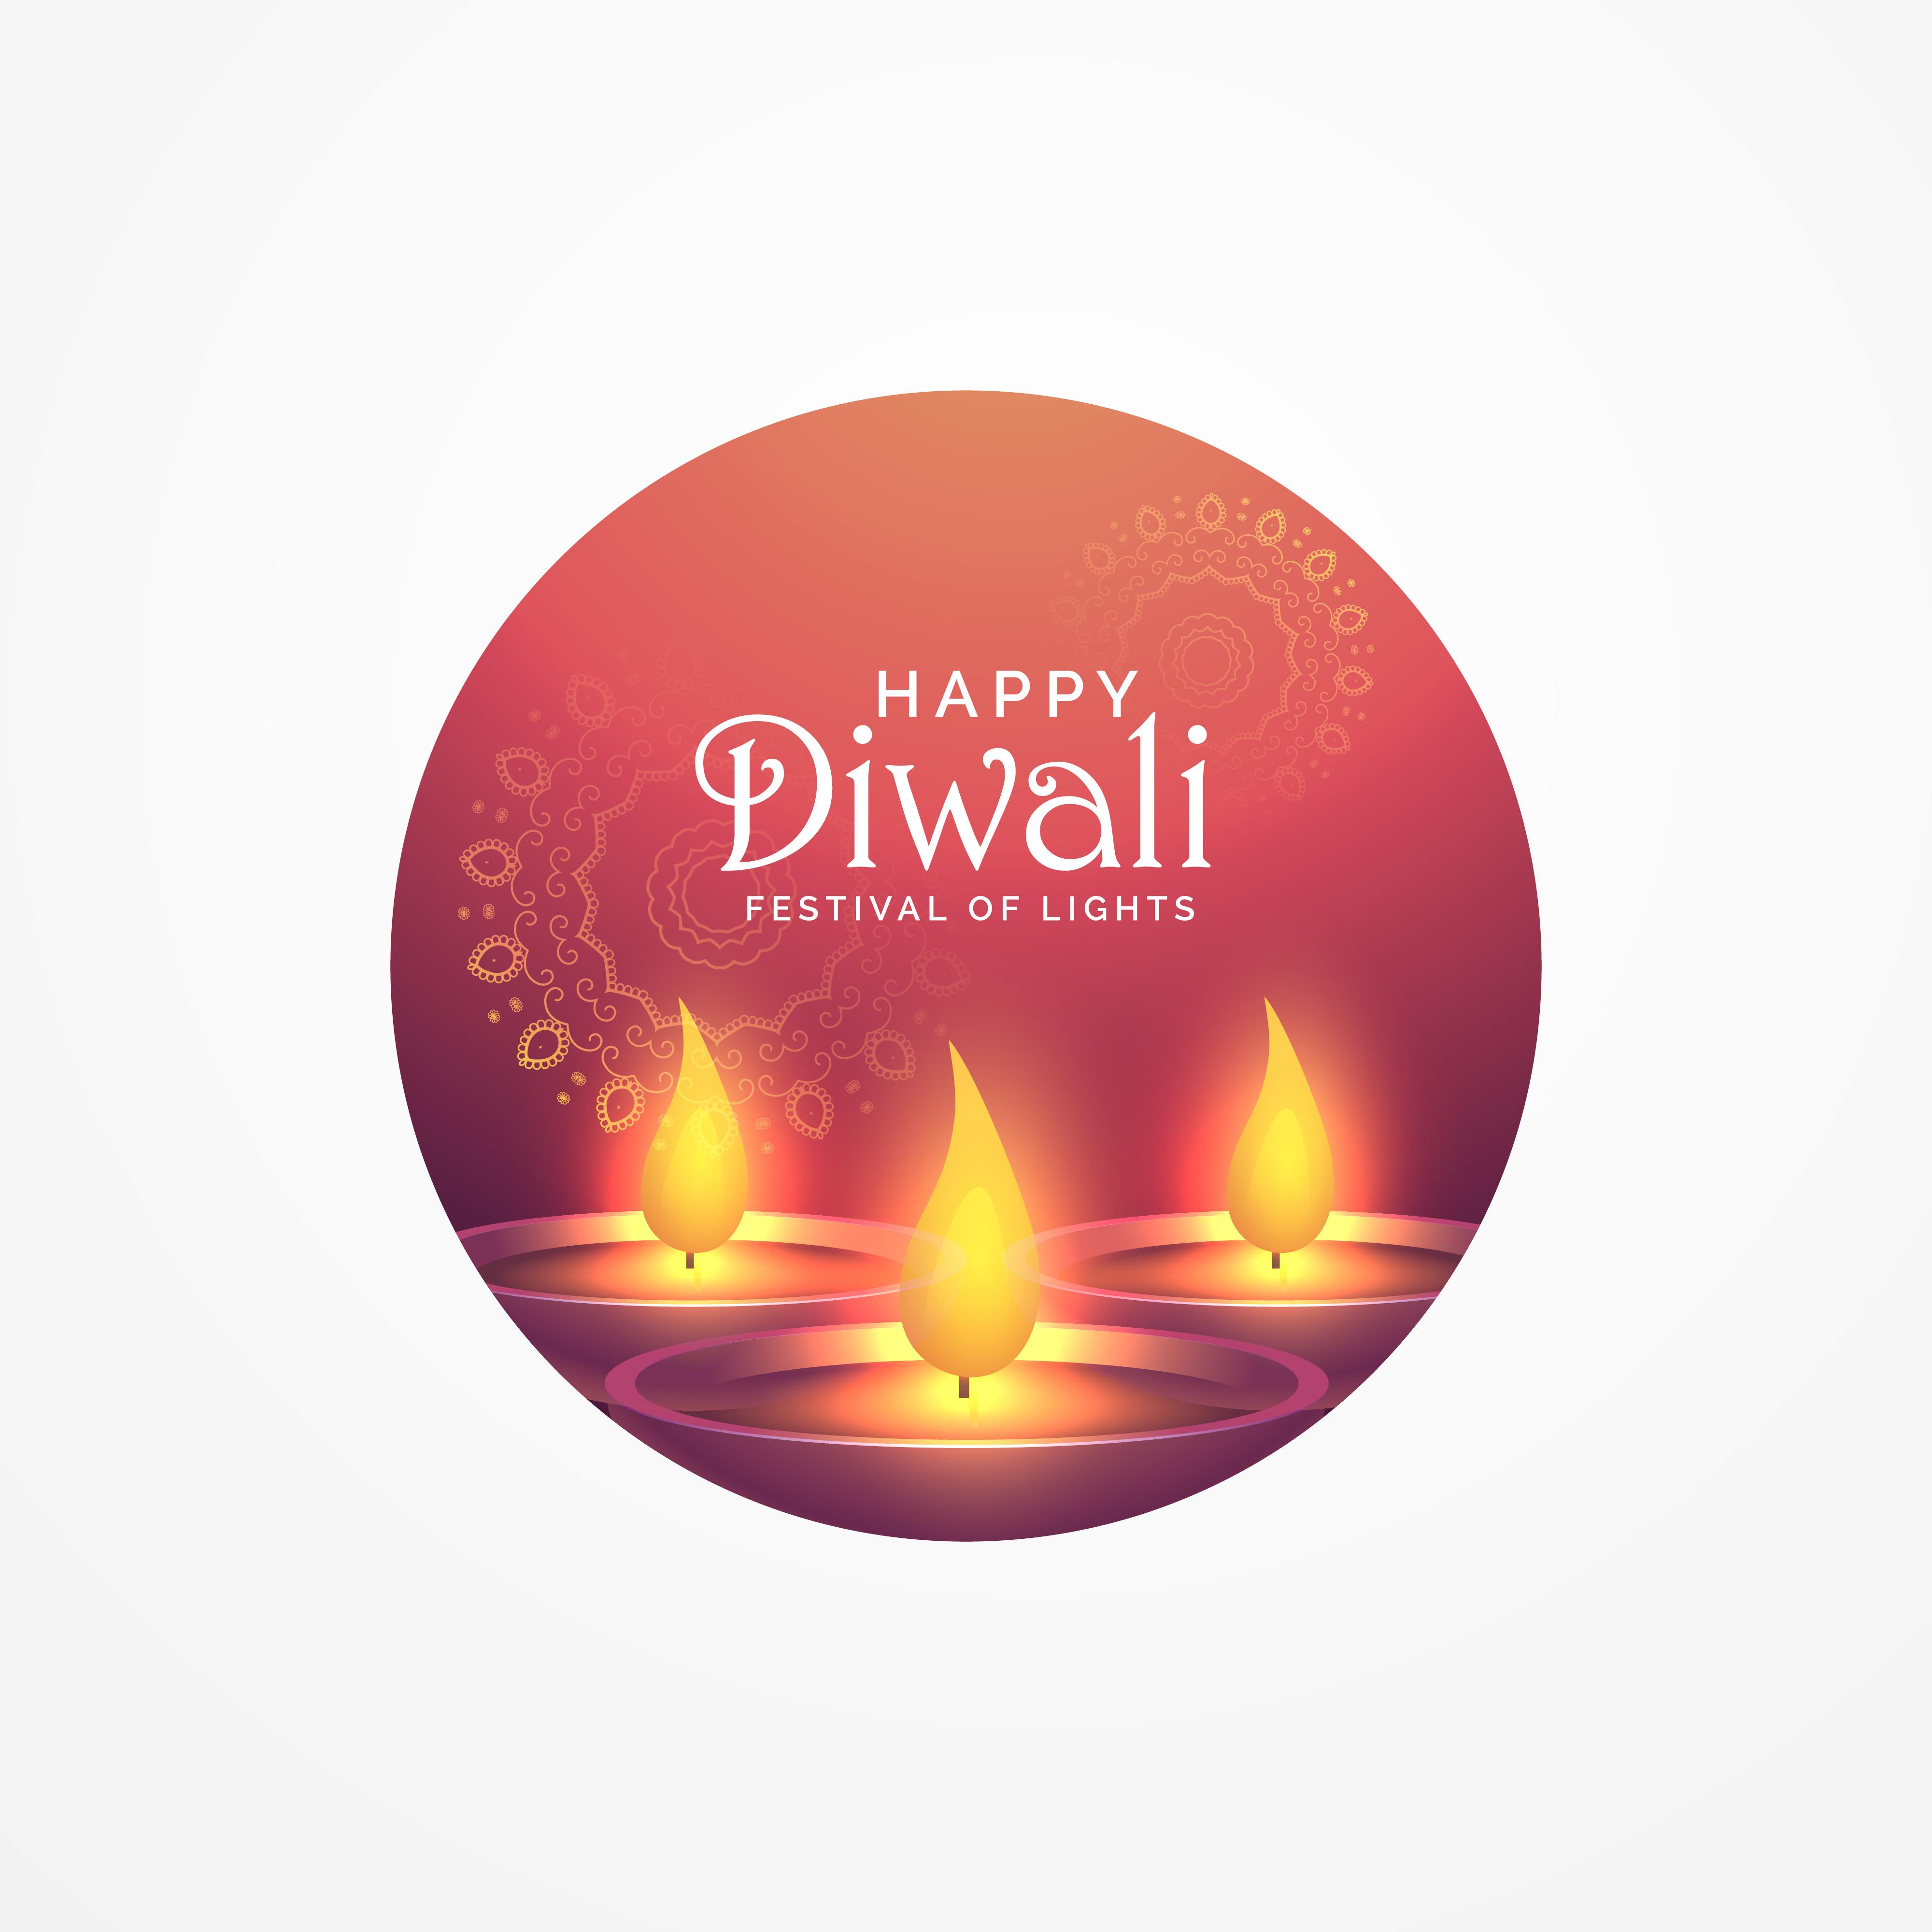 Awesome Diwali Greeting Card Design With Burning Diya For Festiv